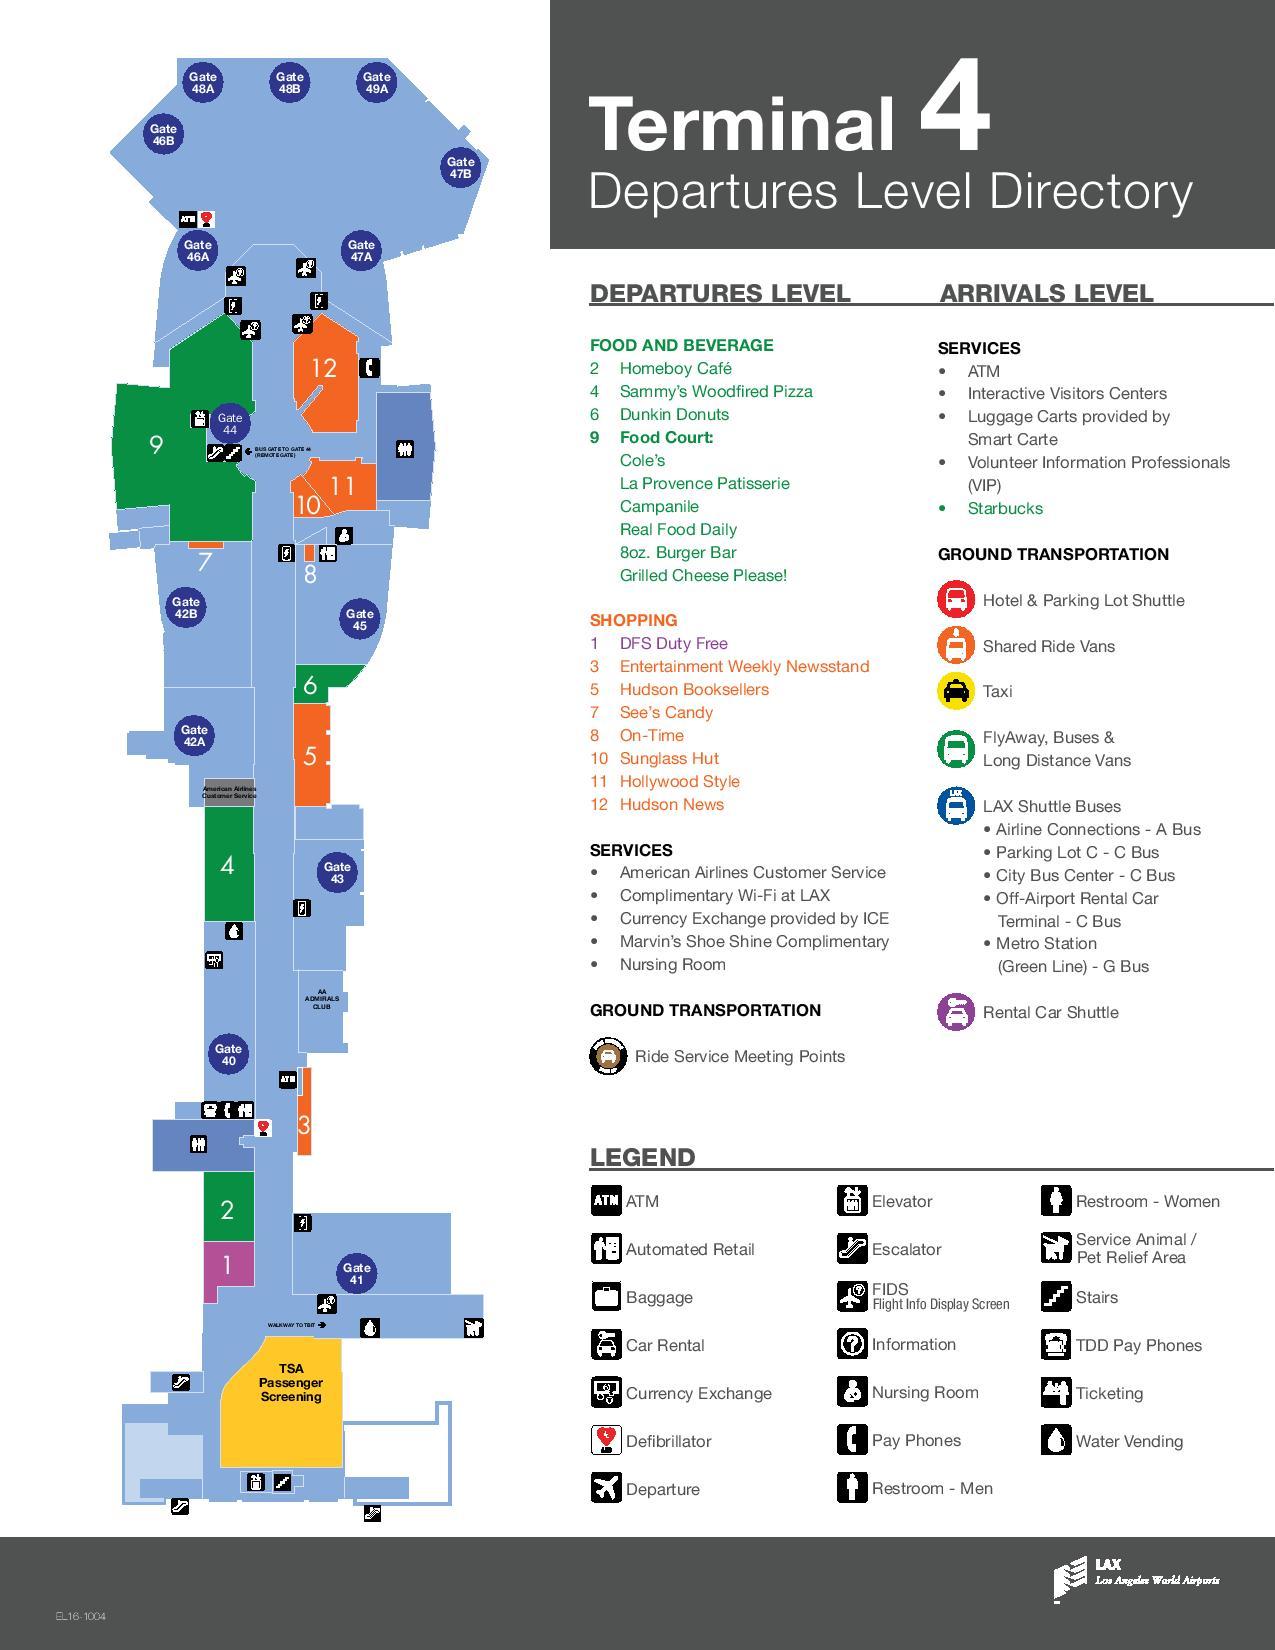 Mapa de la T4 del aeropuerto de Los Angeles LAX